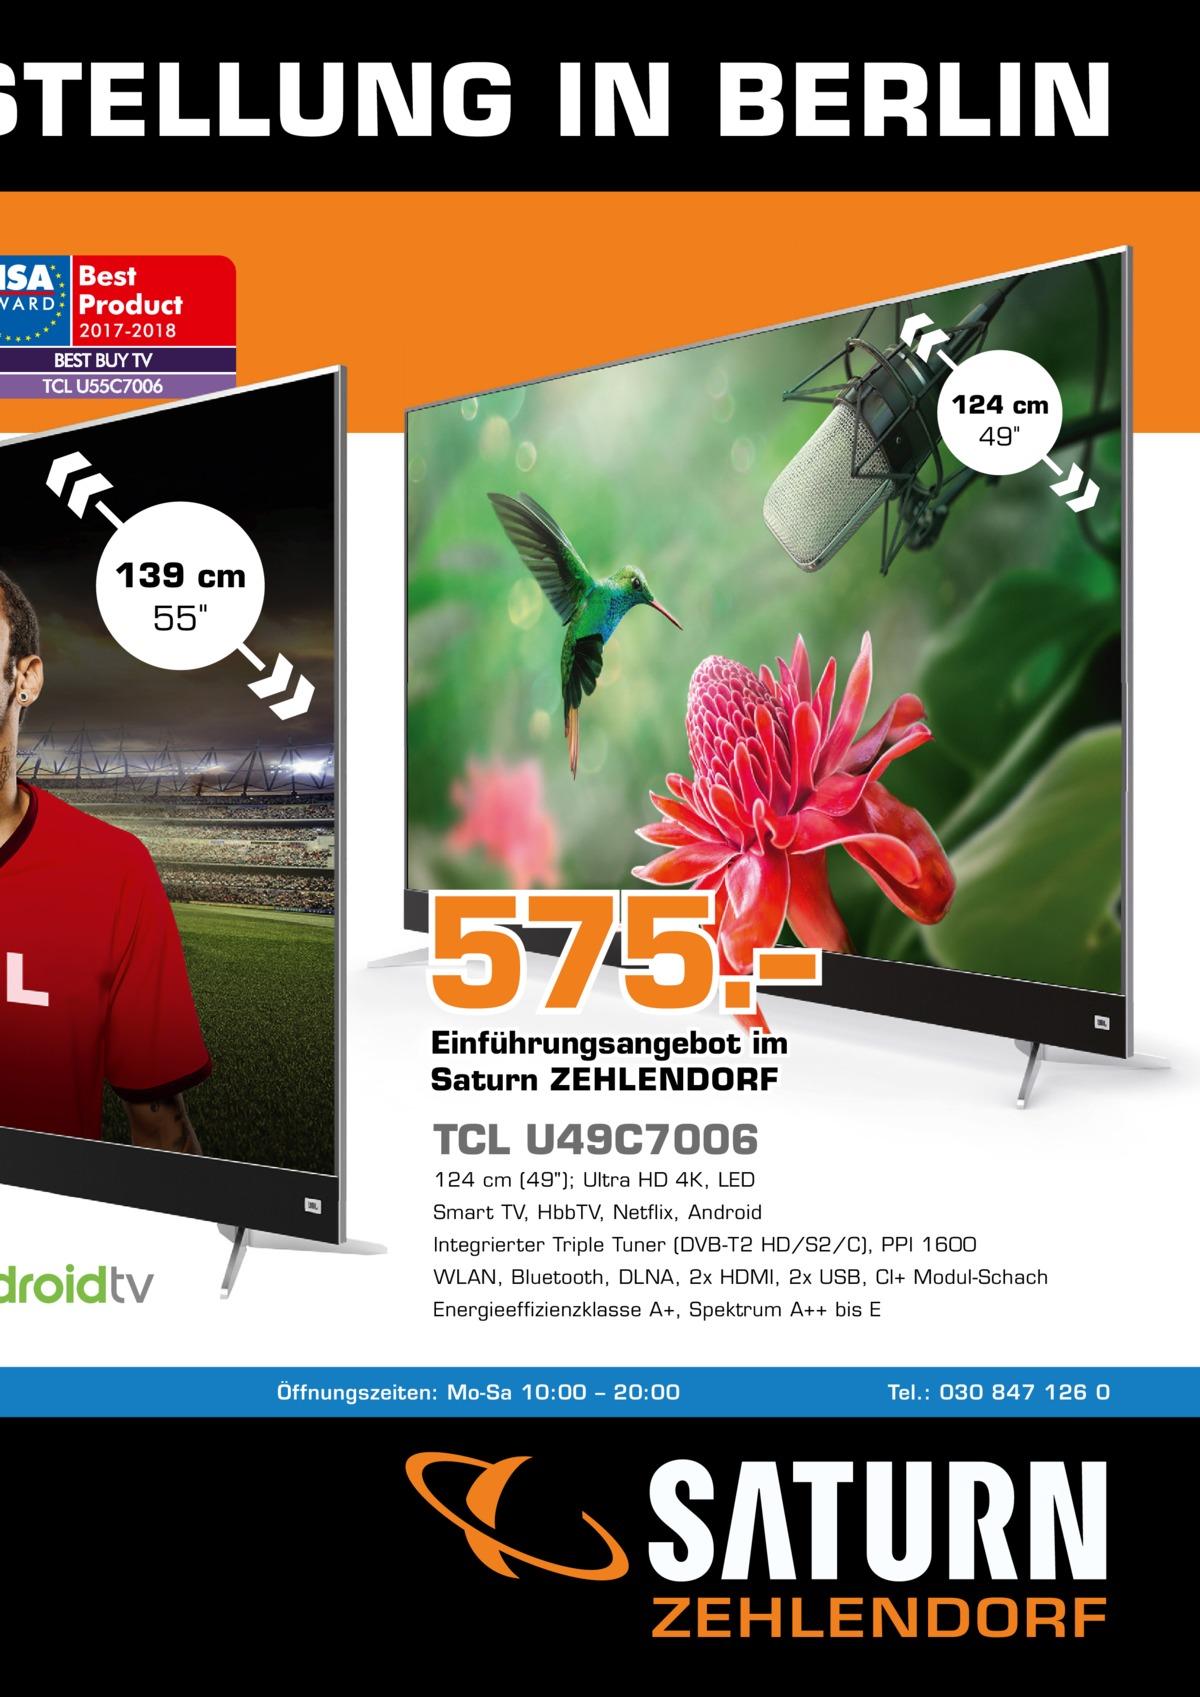 STELLUNG IN BERLIN 124cm 49  139cm 55  575.– Einführungsangebot im Saturn ZEHLENDORF  TCL U49C7006 124cm (49); Ultra HD 4K, LED Smart TV, HbbTV, Netflix, Android Integrierter Triple Tuner (DVB-T2 HD/S2/C), PPI 1600 WLAN, Bluetooth, DLNA, 2x HDMI, 2x USB, CI+ Modul-Schach Energieeffizienzklasse A+, Spektrum A++ bis E  Öffnungszeiten: Mo-Sa 10:00 – 20:00  Tel.: 030 847 126 0  ZEHLENDORF